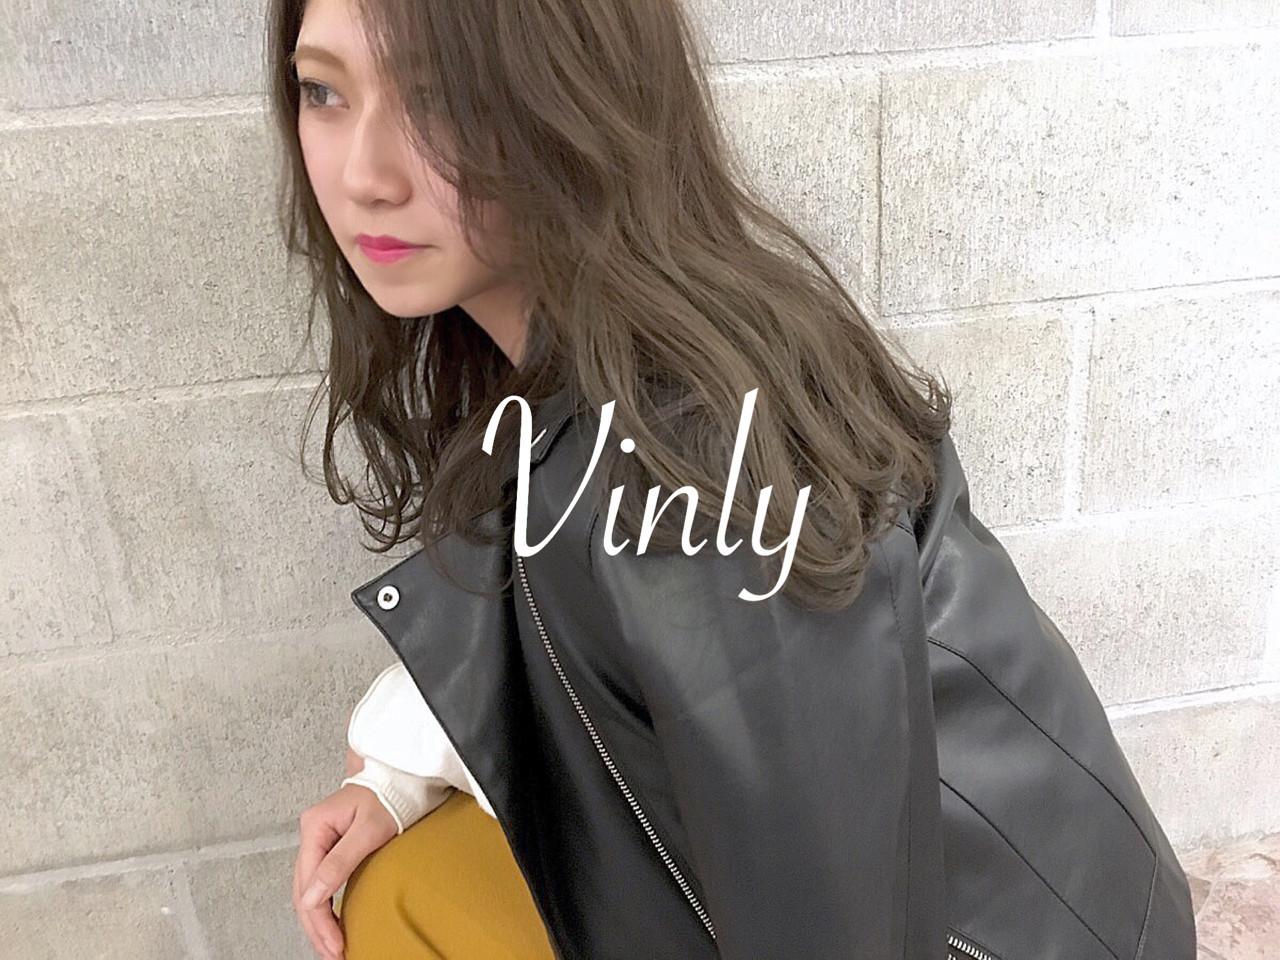 ナチュラルロングでも軽い仕上がりに♪ norihiko yoshimoto | Vinly hair salon